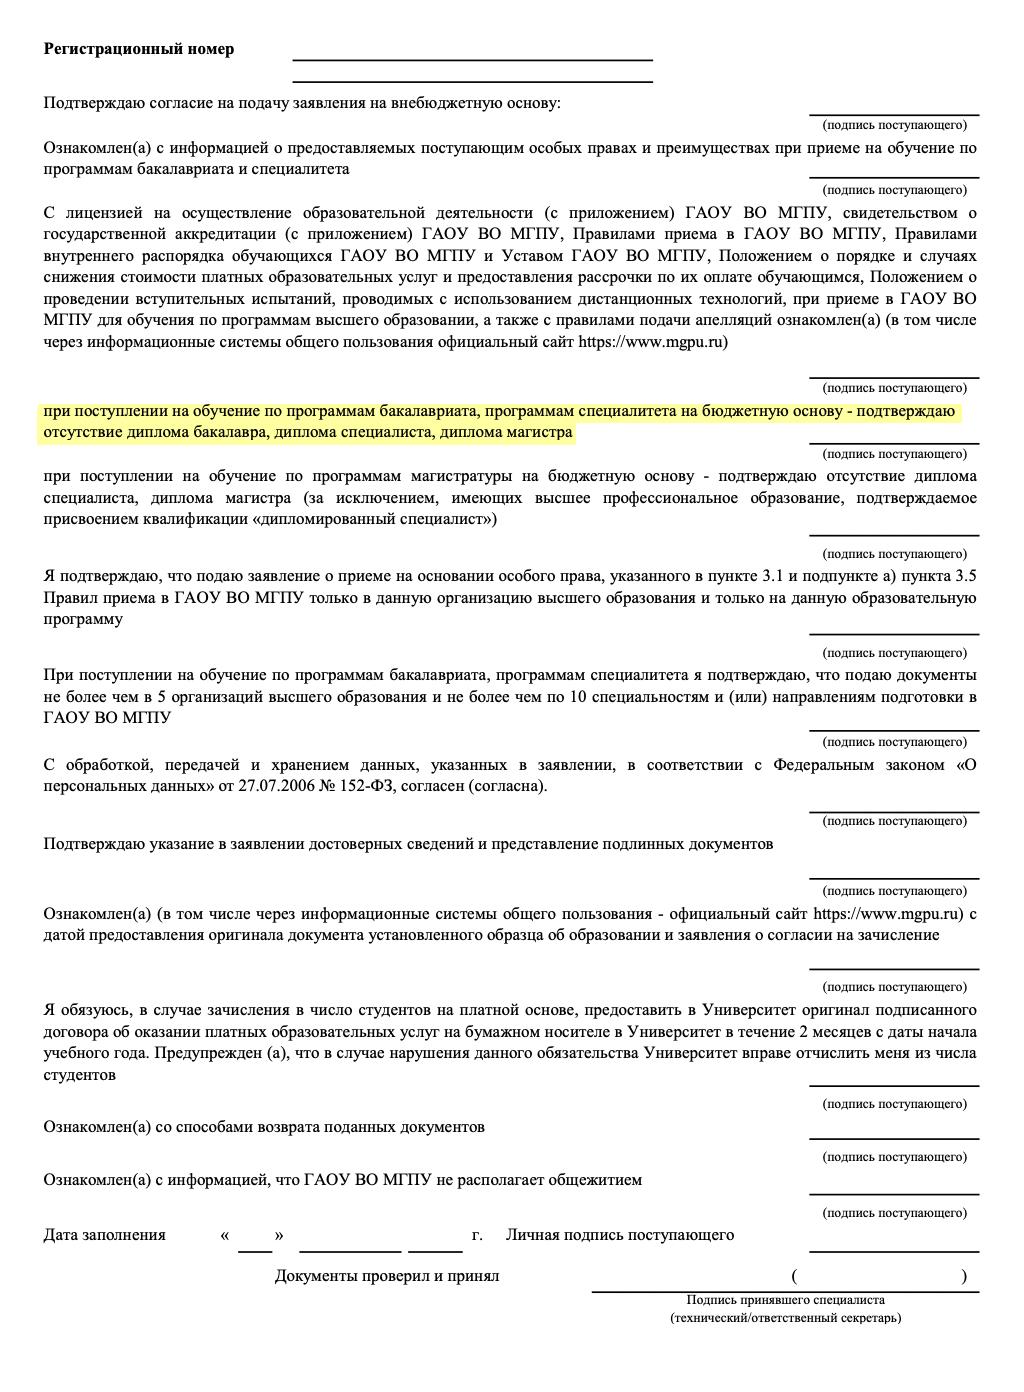 В заявлении о приеме в МГПУ поступающий подписью подтверждает отсутствие диплома